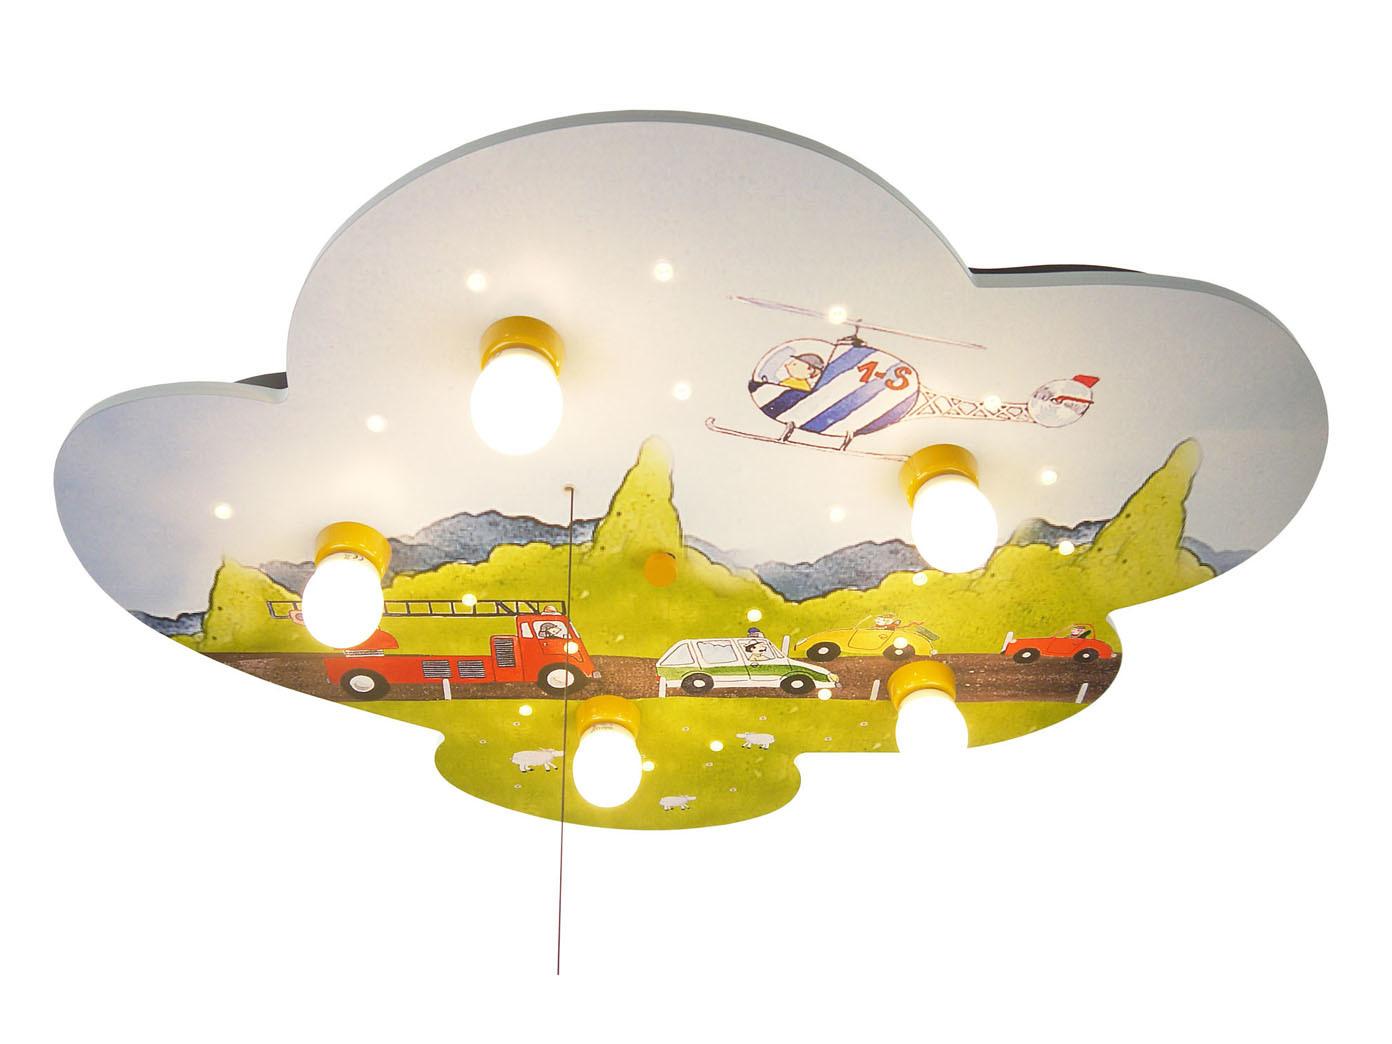 Deckenlampe Mit Zugschalter ~ Kinder deckenlampe autos mit zugschalter led schlummerlicht alexa